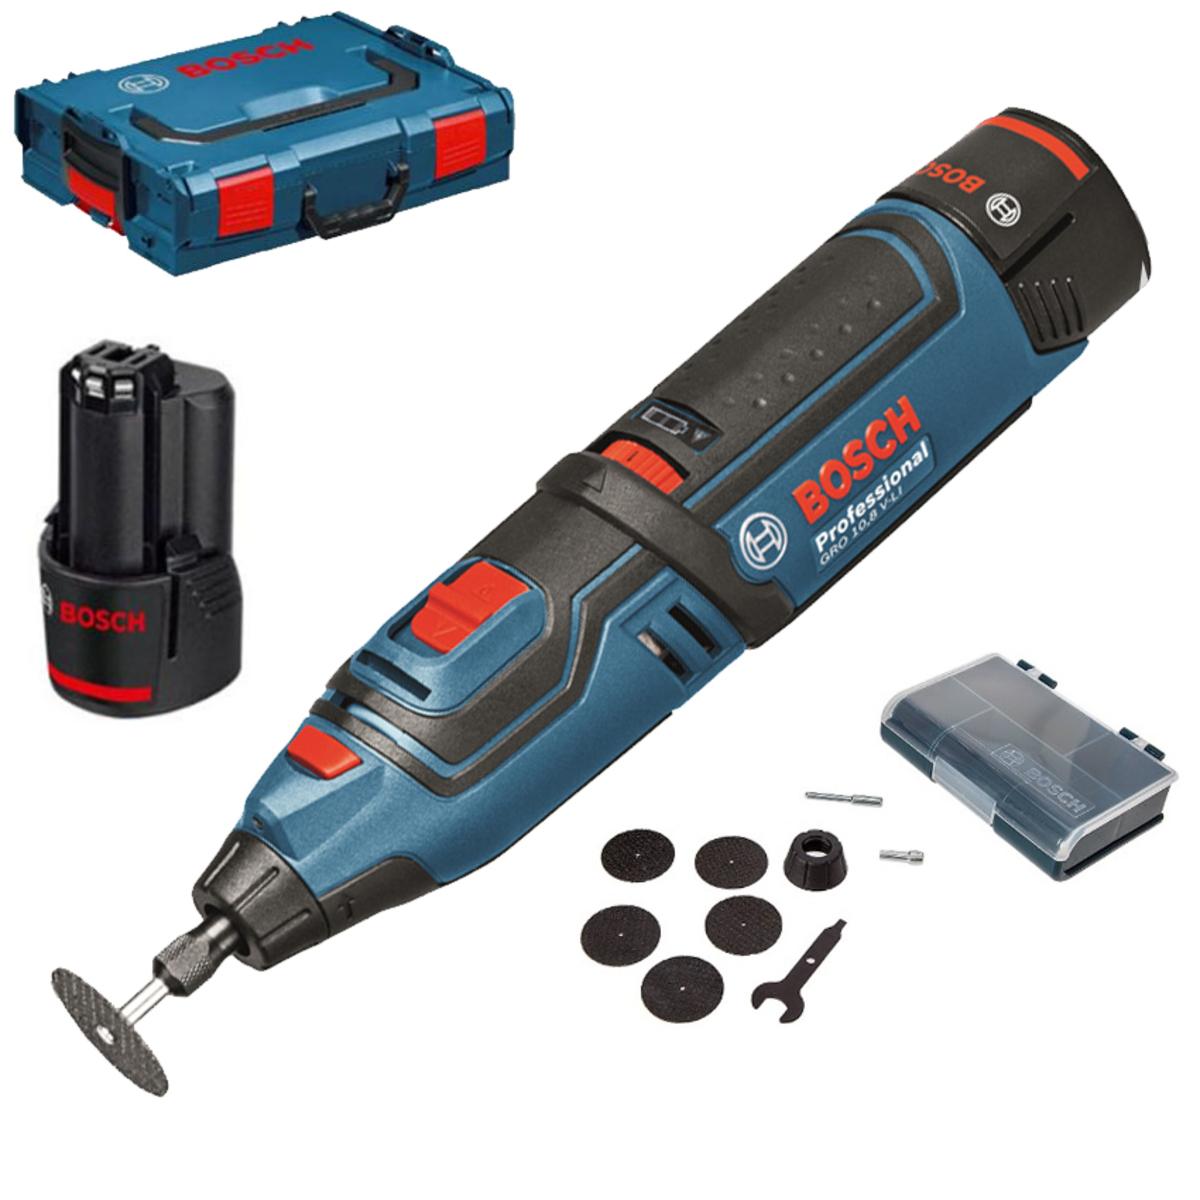 Outil multifonctions Bosch Professional GRO 10,8 V-LI/GRO 12V35 (06019C5001)  - 2 batteries li-ion 2,0 Ah,  chargeur, coffret L-Boxx